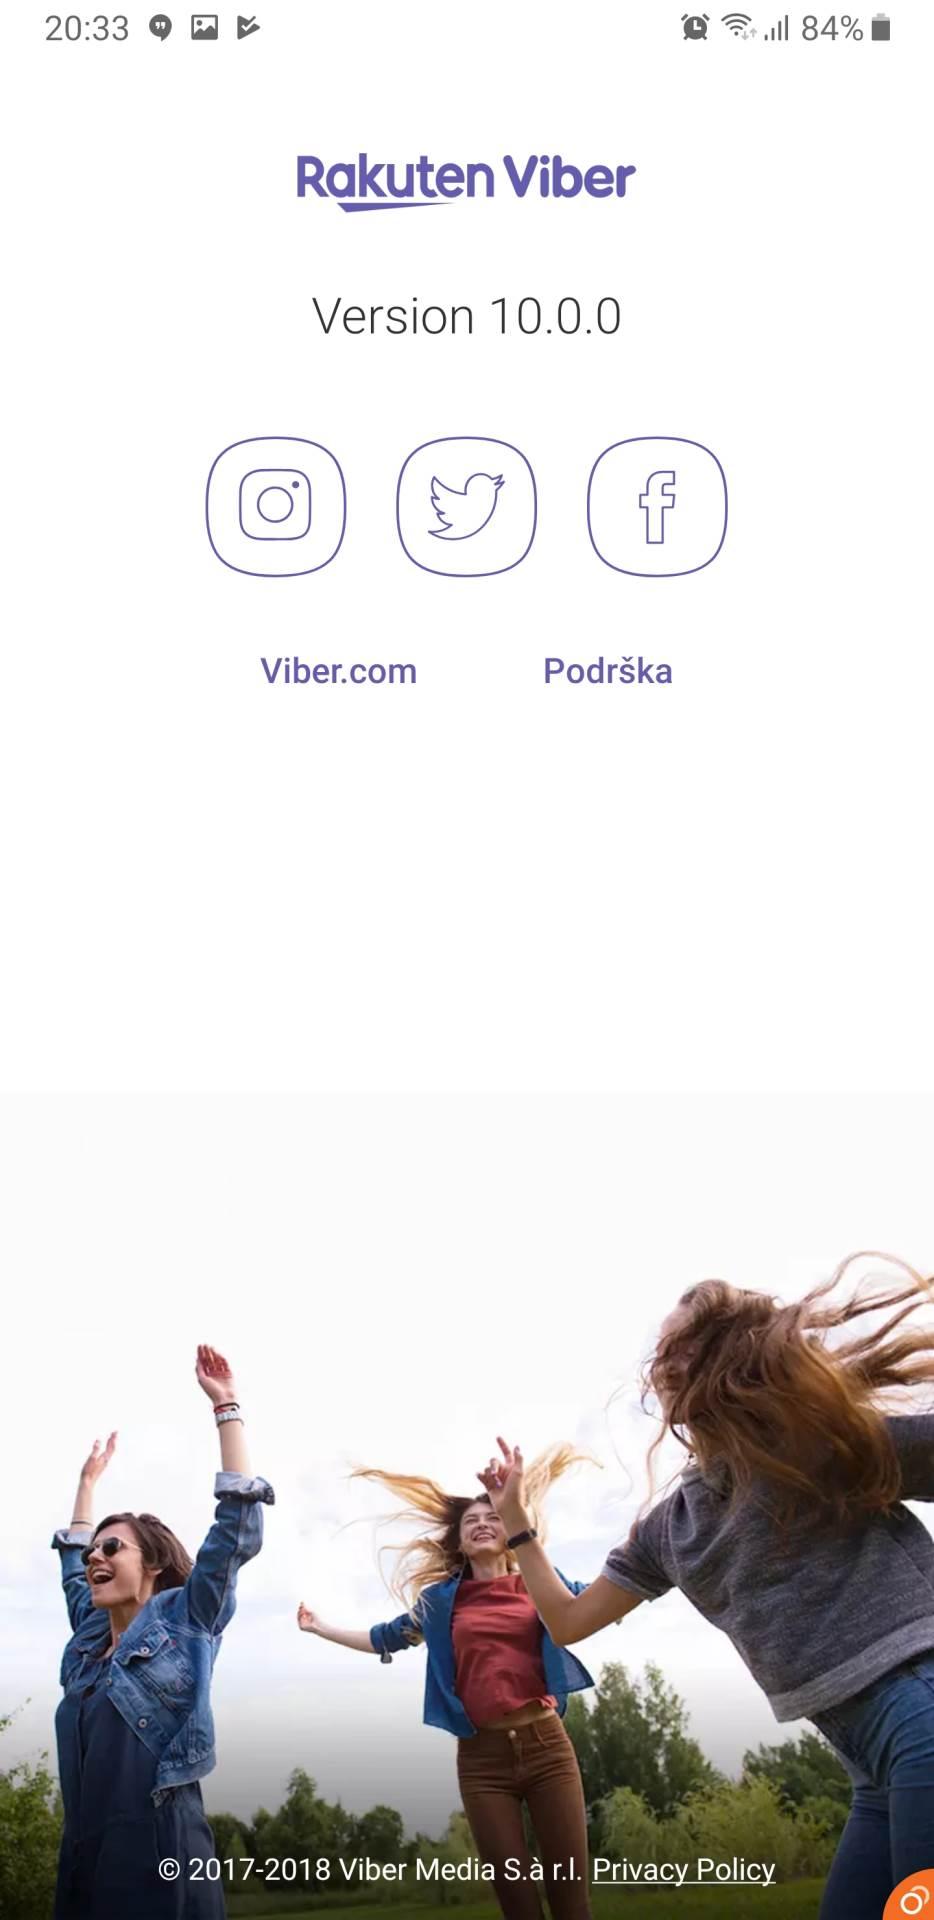 Stigao je potpuno nov Viber, pogledajte šta je sve novo